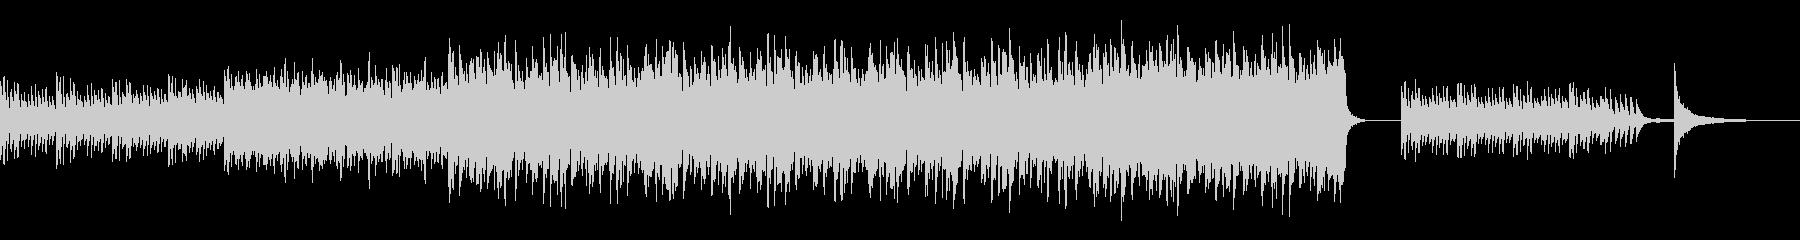 ピアノとストリングスの優しいBGMの未再生の波形